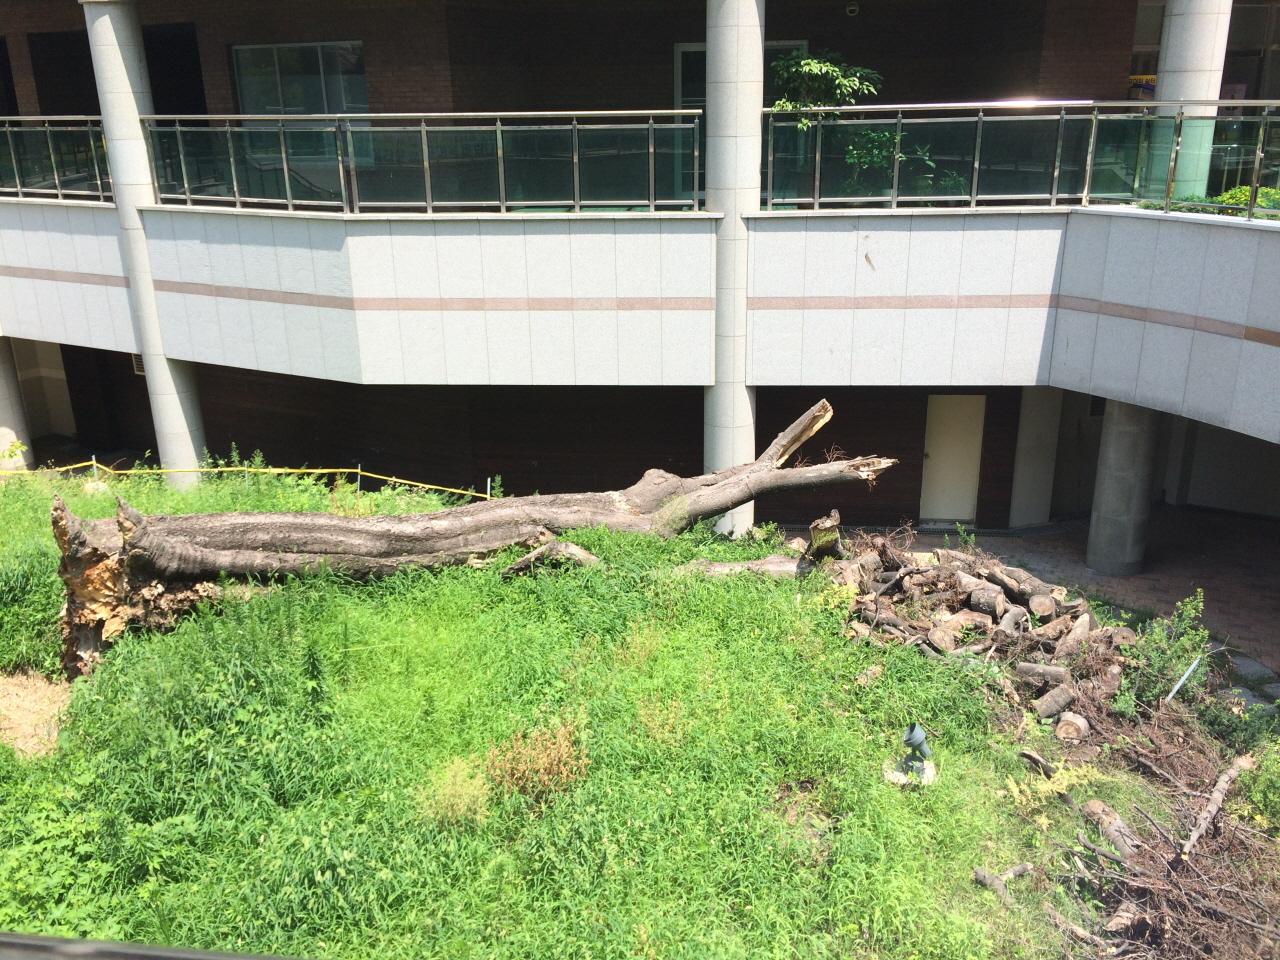 대전 목동의 당산나무가 죽은 모습 아파트를 건설하면서 당산나무였던 버드나무를 보전하기로 했지만, 아파트건설이후 환경이 나빠지자 2015년 죽었다.